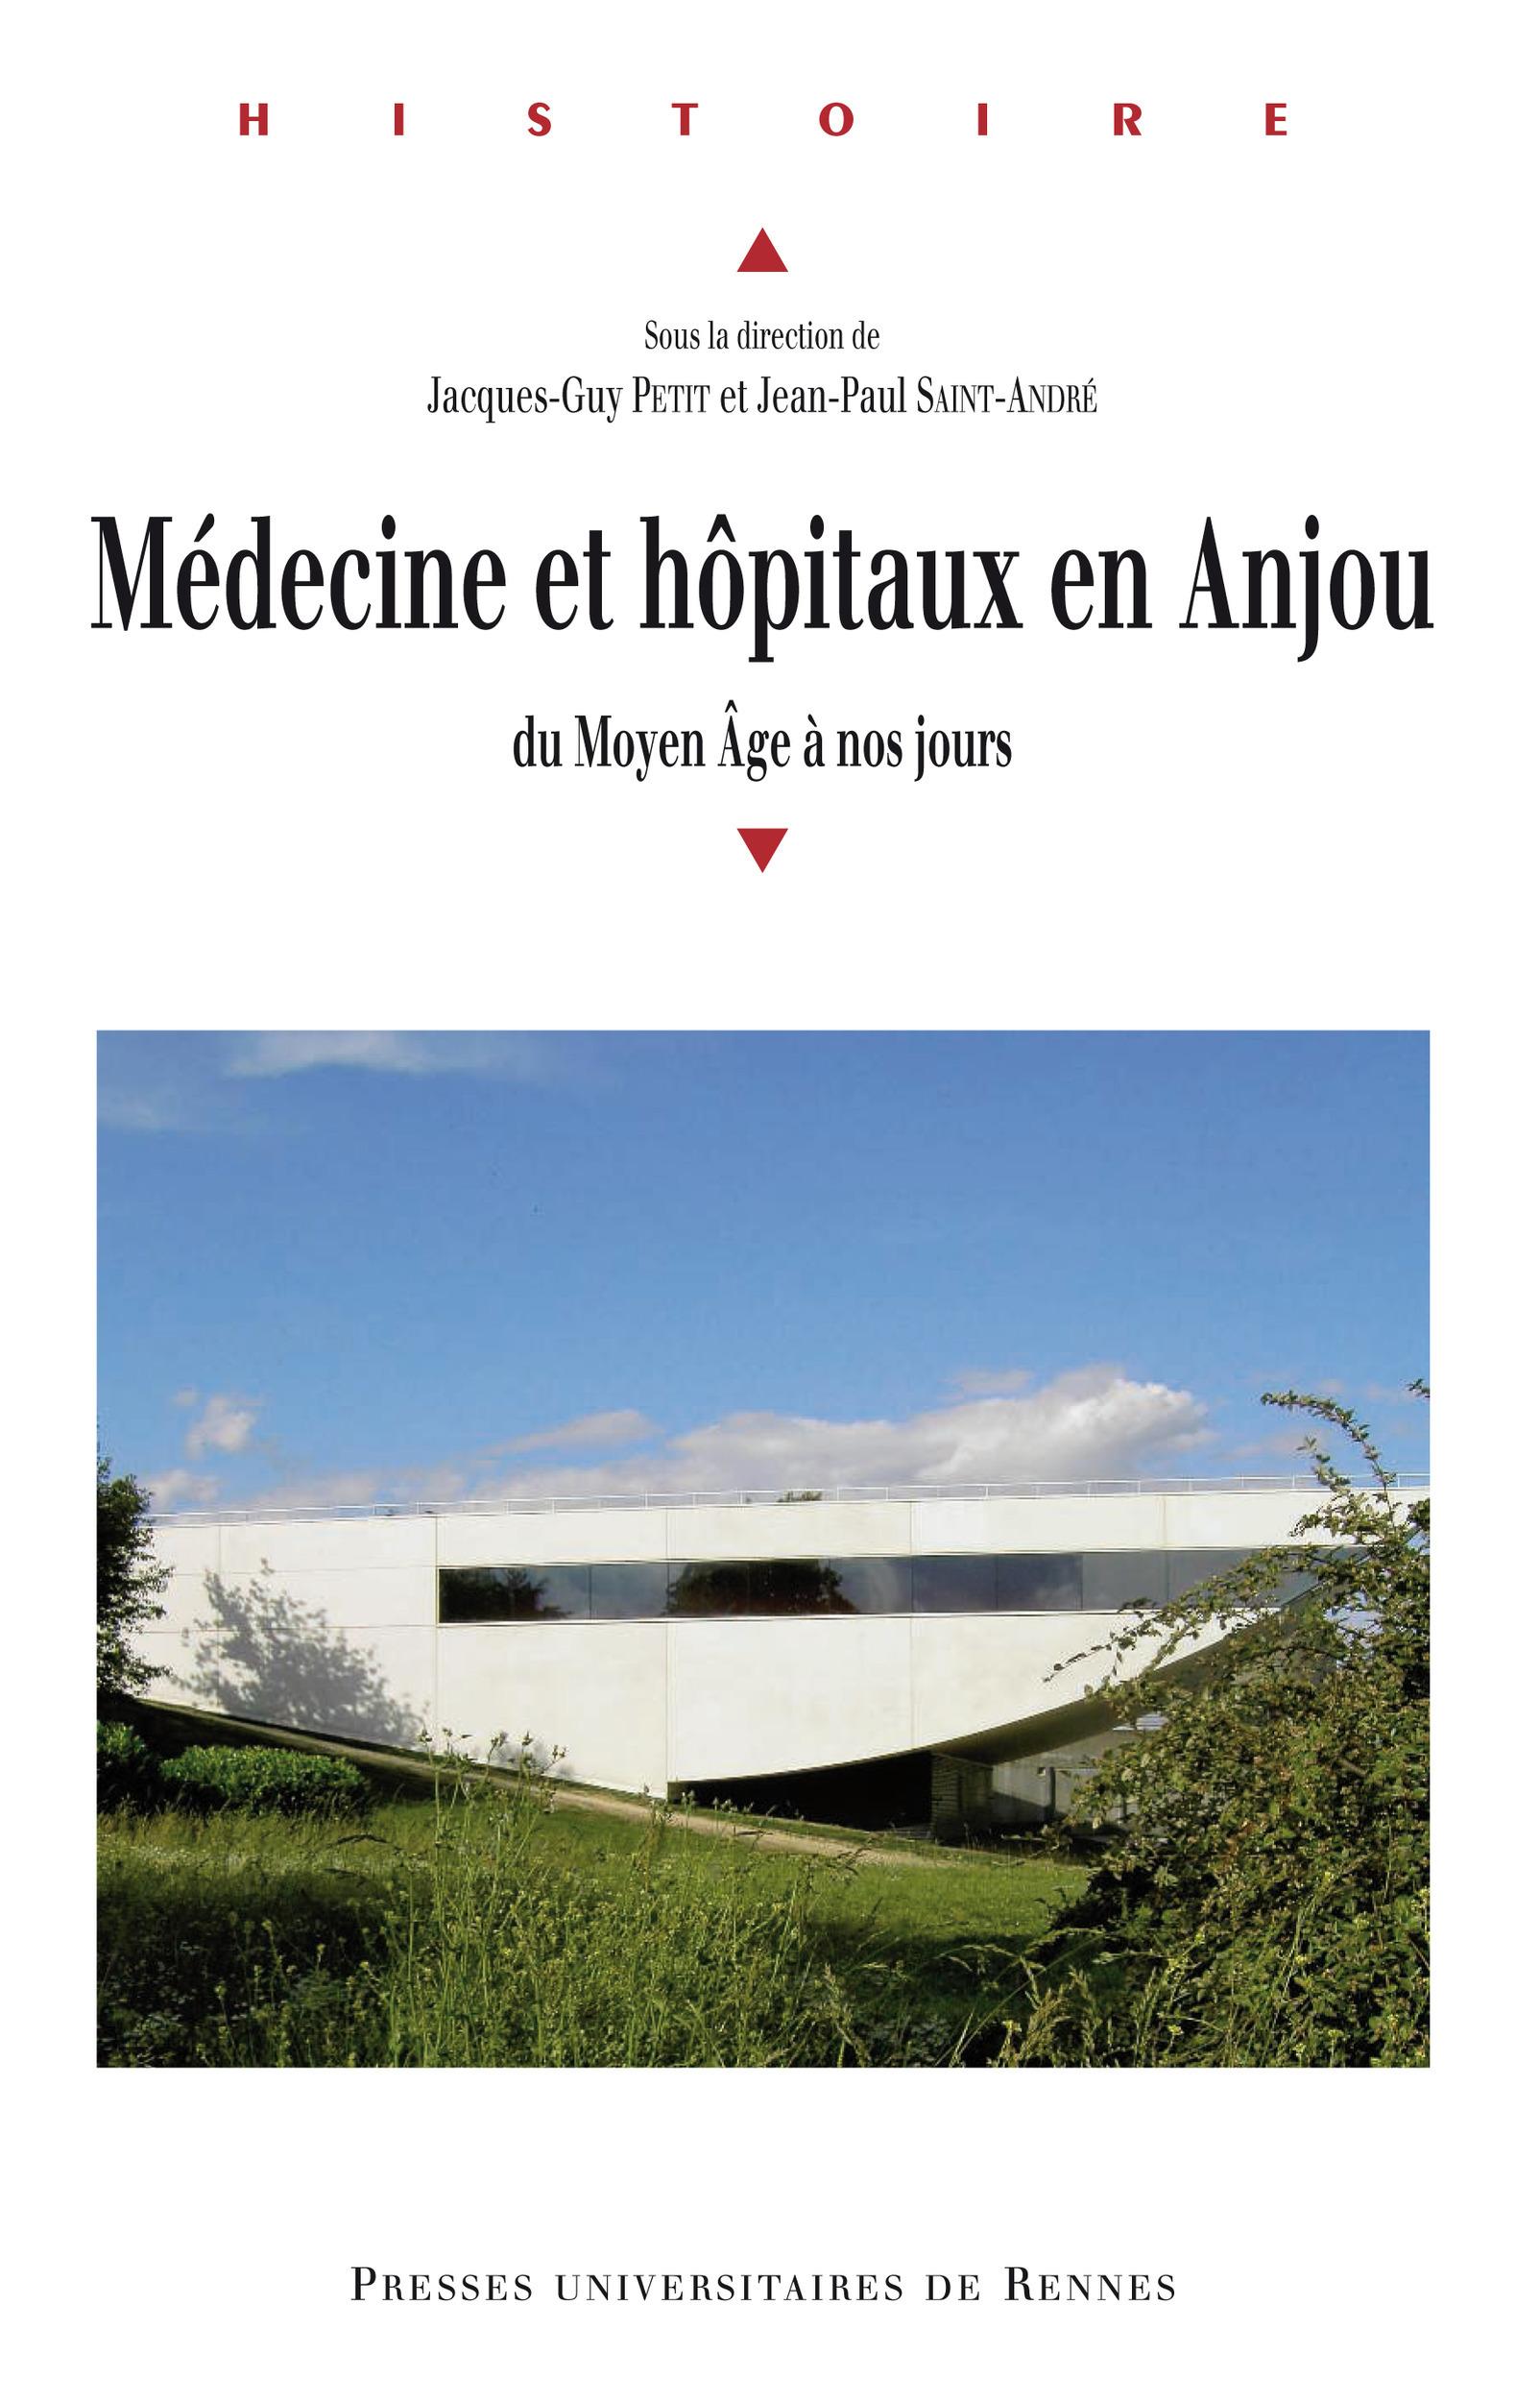 Médecine et hôpitaux en Anjou  - Jacques-Guy Petit  - Jean-Paul Saint-André